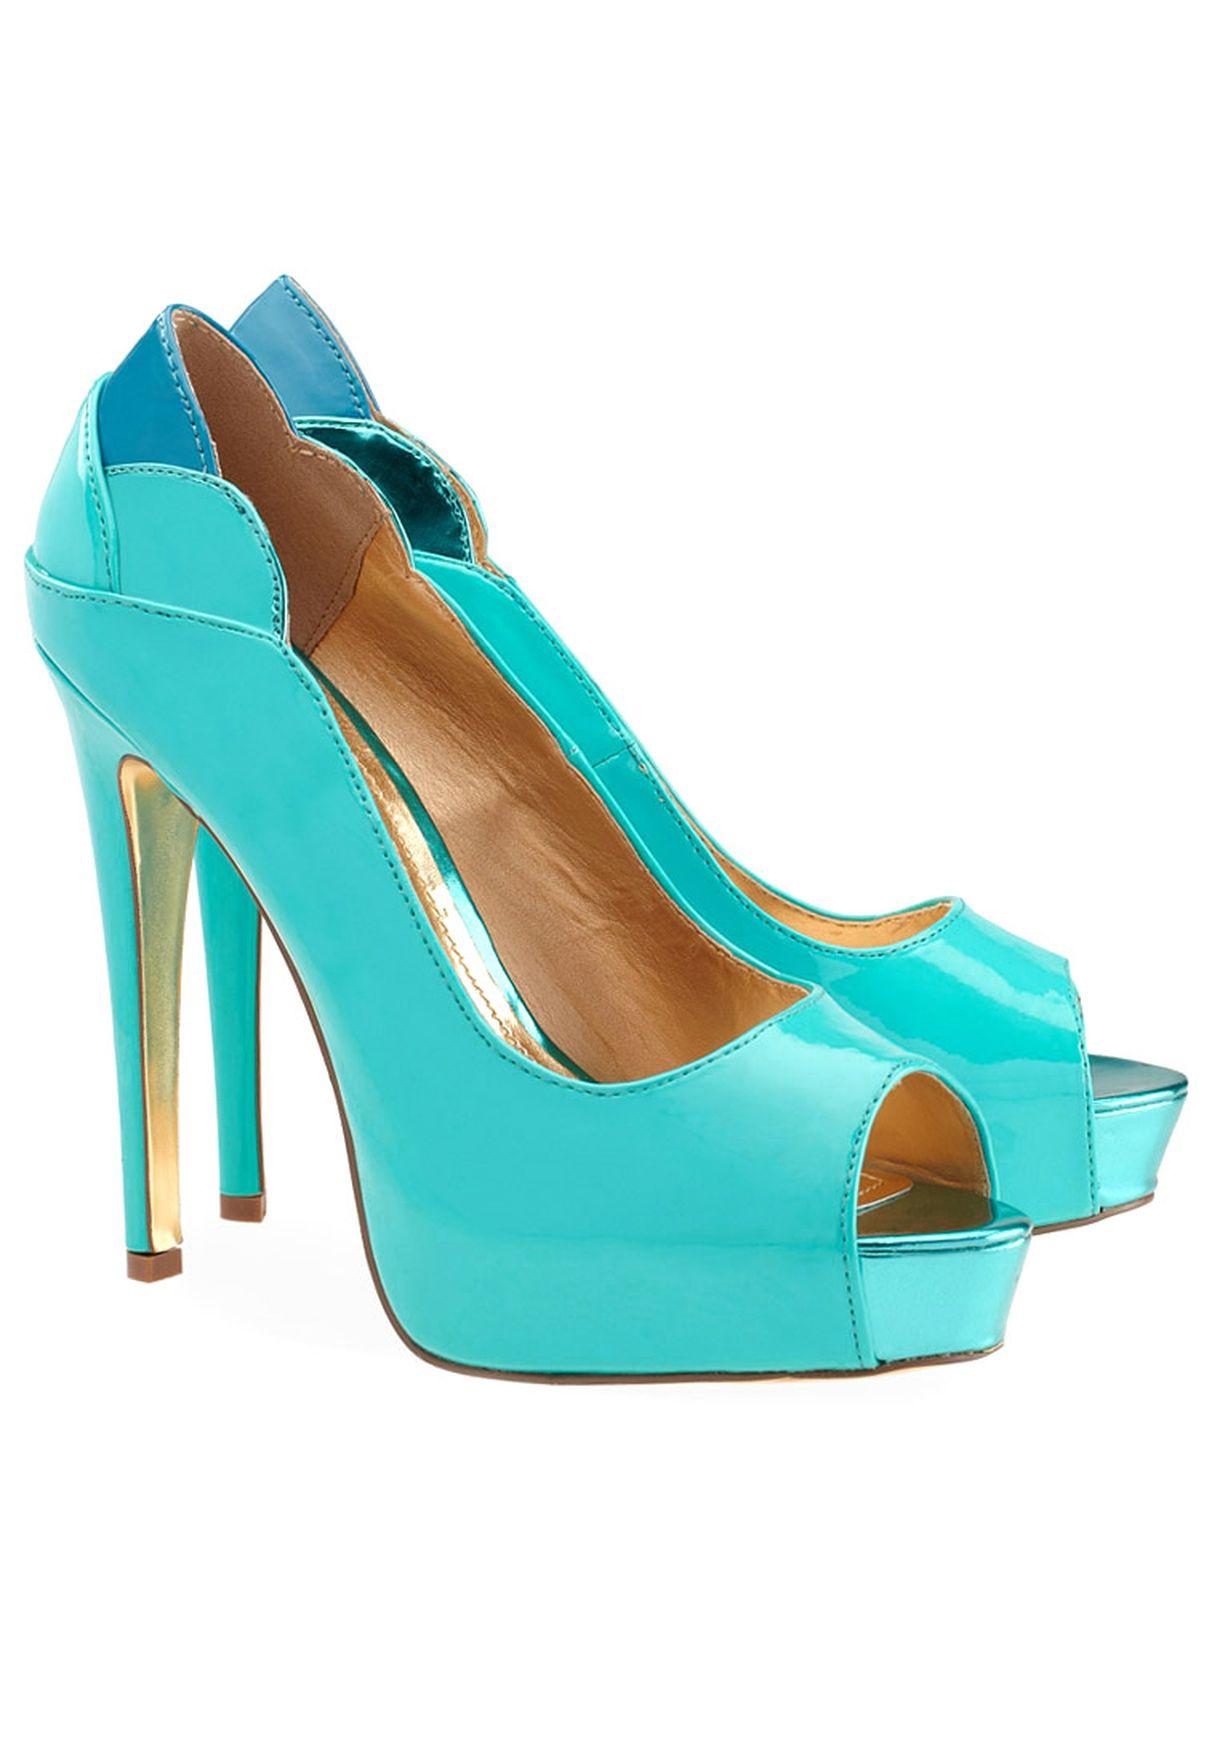 1f75a1b7e90 Shop Even odd blue Peep Toe Pump for Women in Saudi - EV477SH37ABI